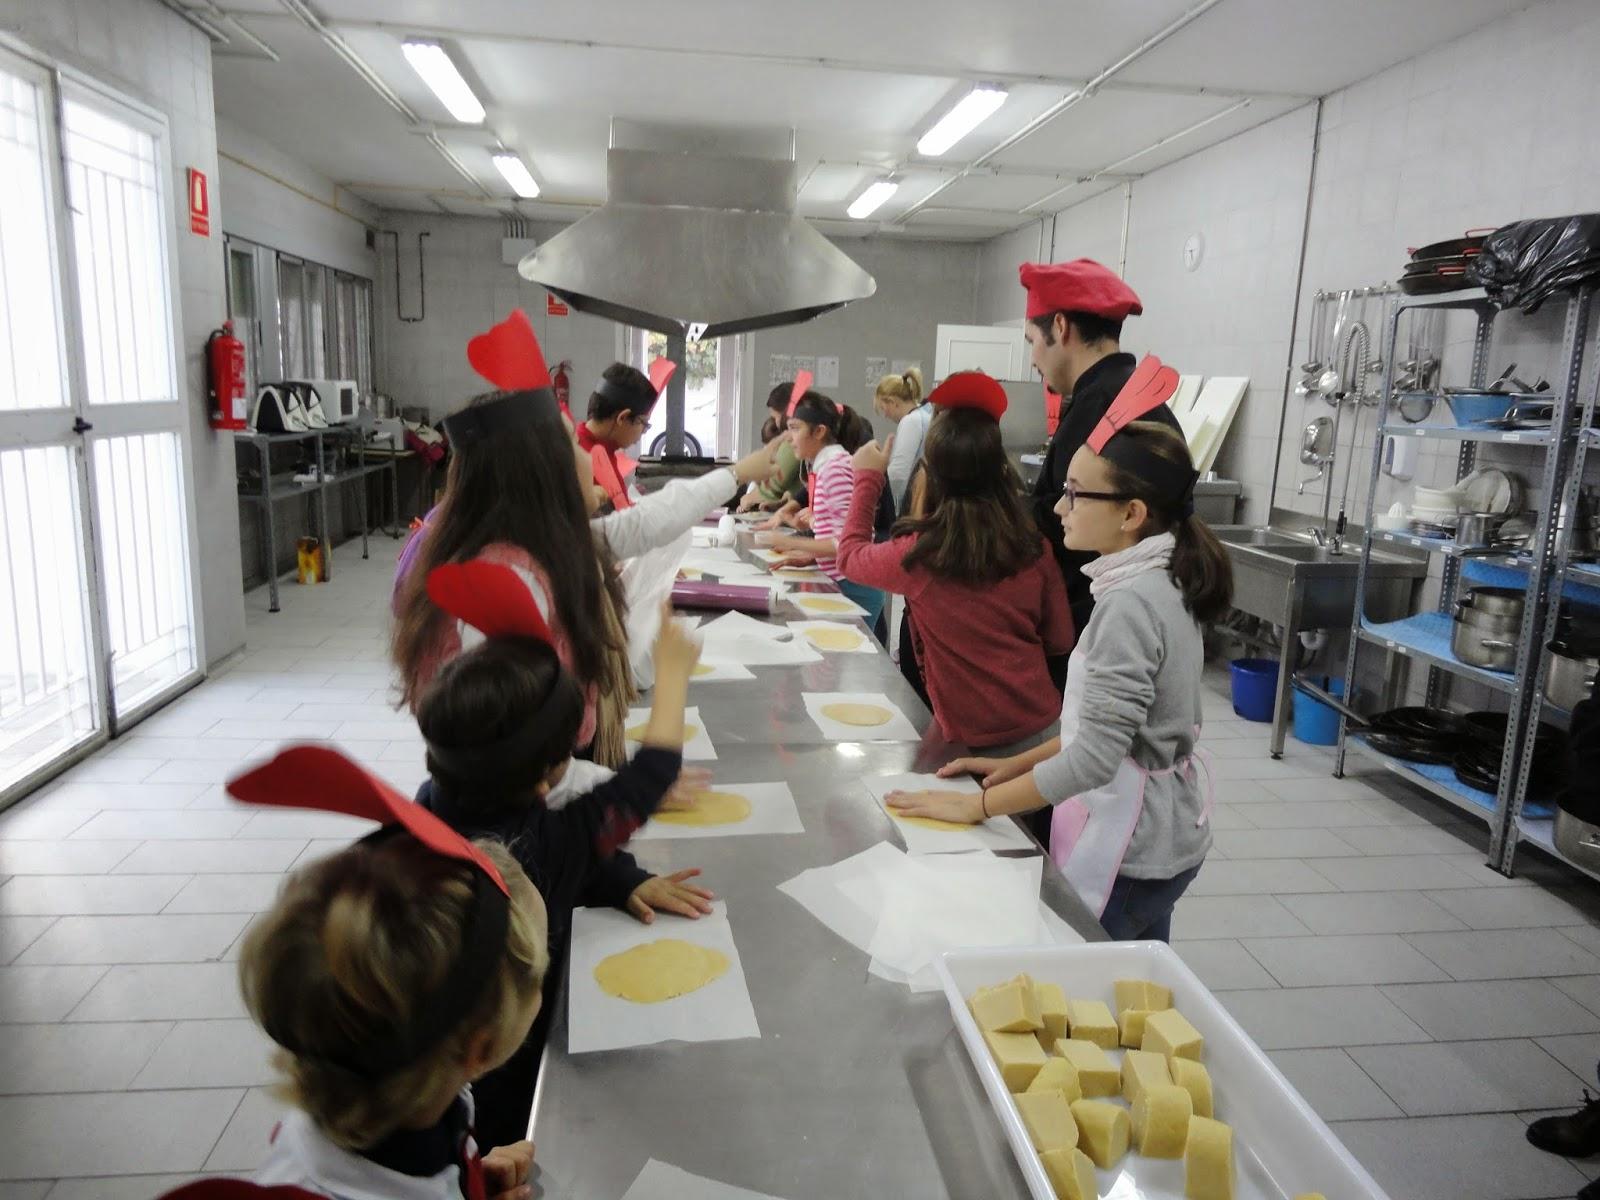 la imagen muestra un salón con una gran mesa de cocina, el chef y los niños